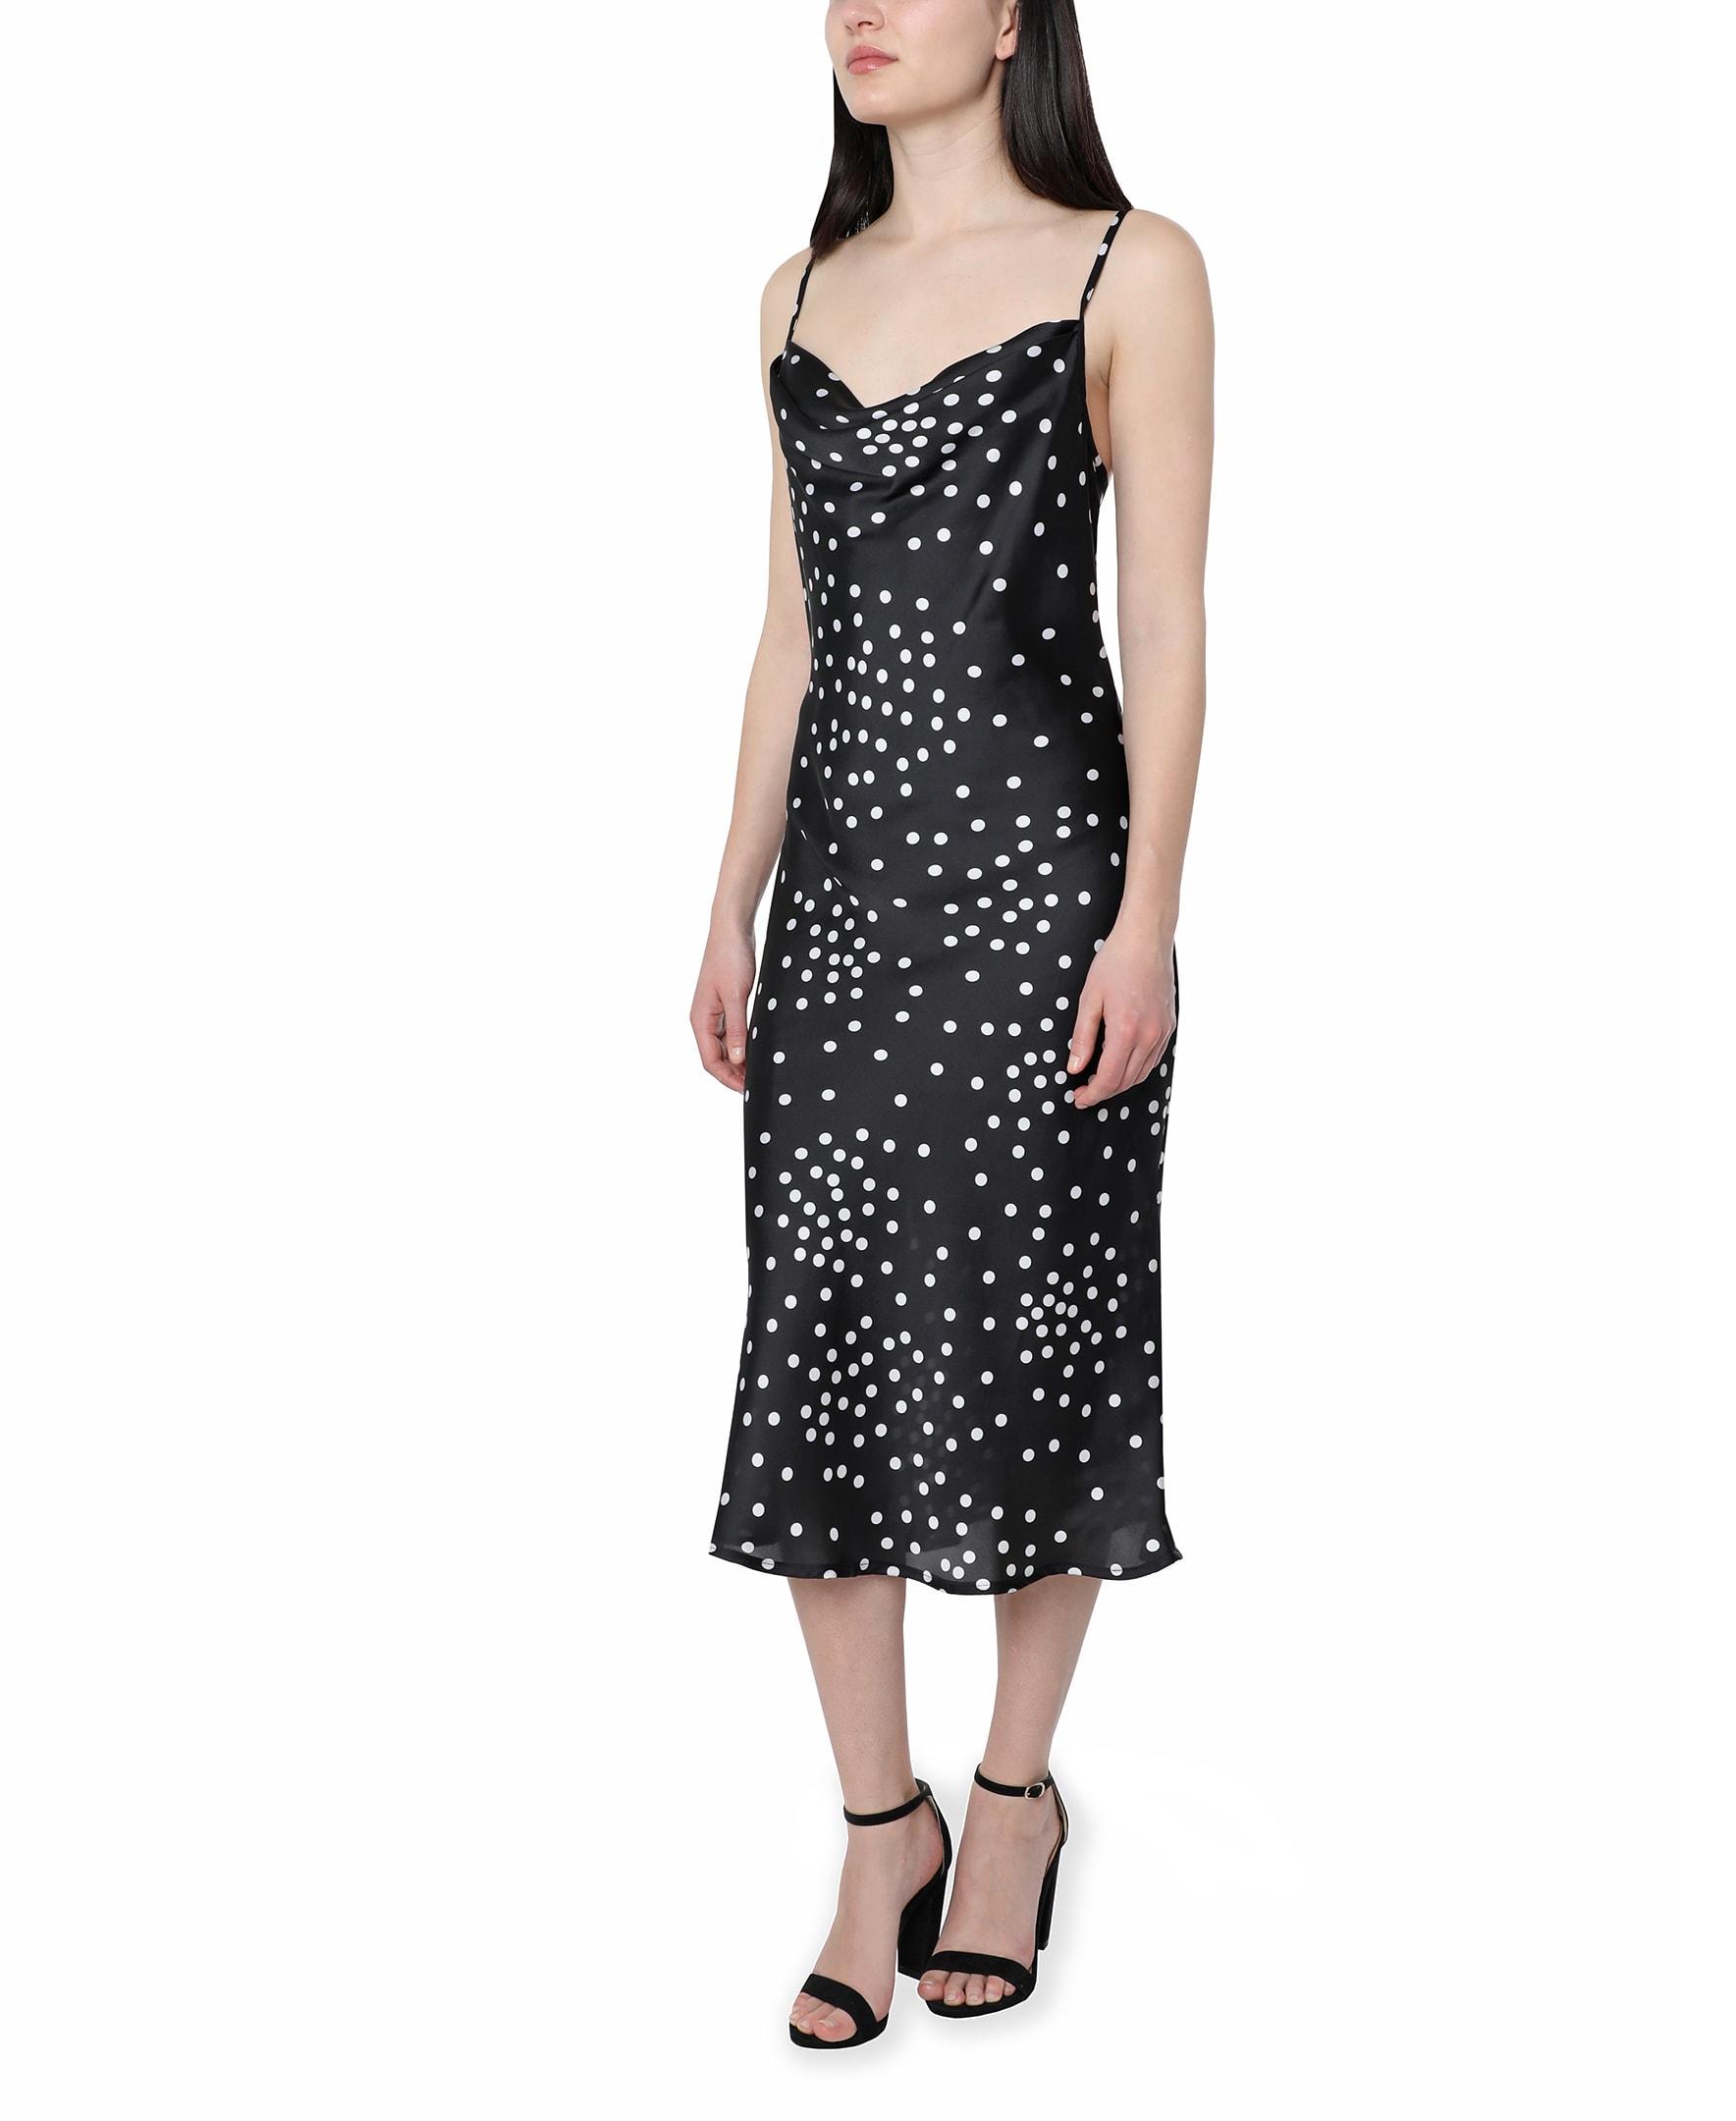 Bebe Polka Dot Satin Midi Dress - Black/white - Front